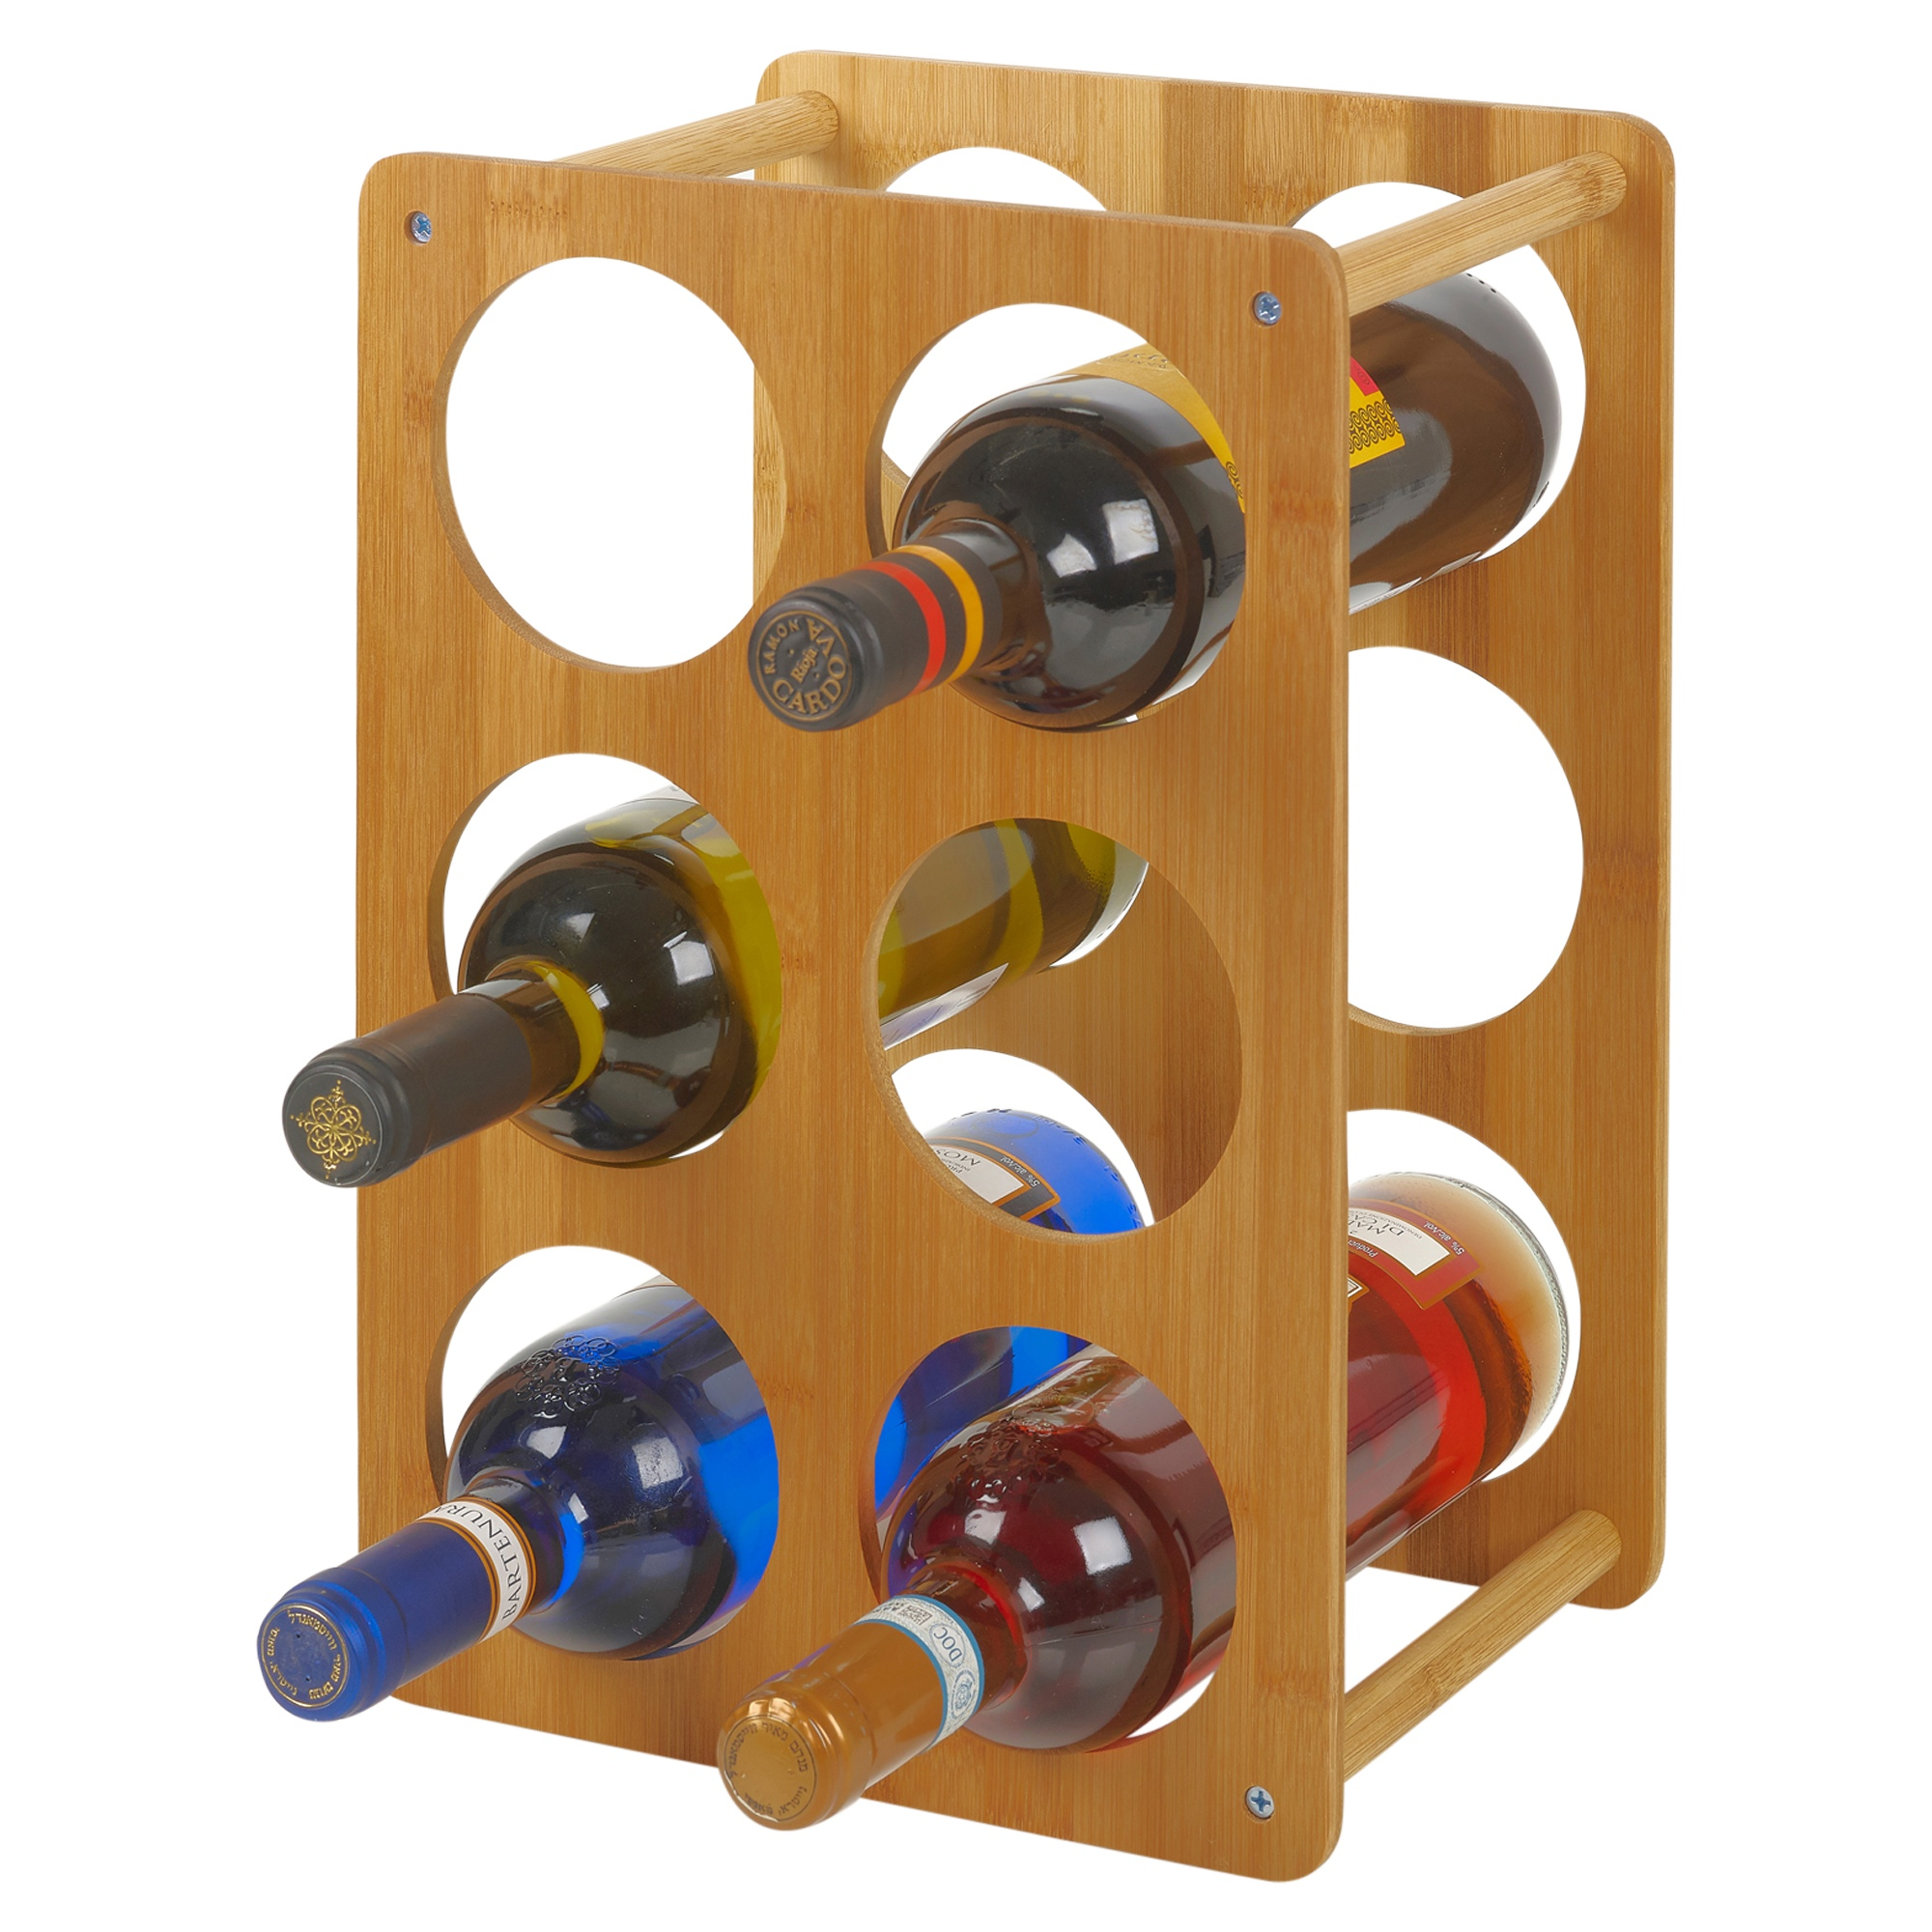 Holz Bambus 6 Raum Weinregal Flaschenhalter Shabby Chic Stehend Tisch Komode Ebay